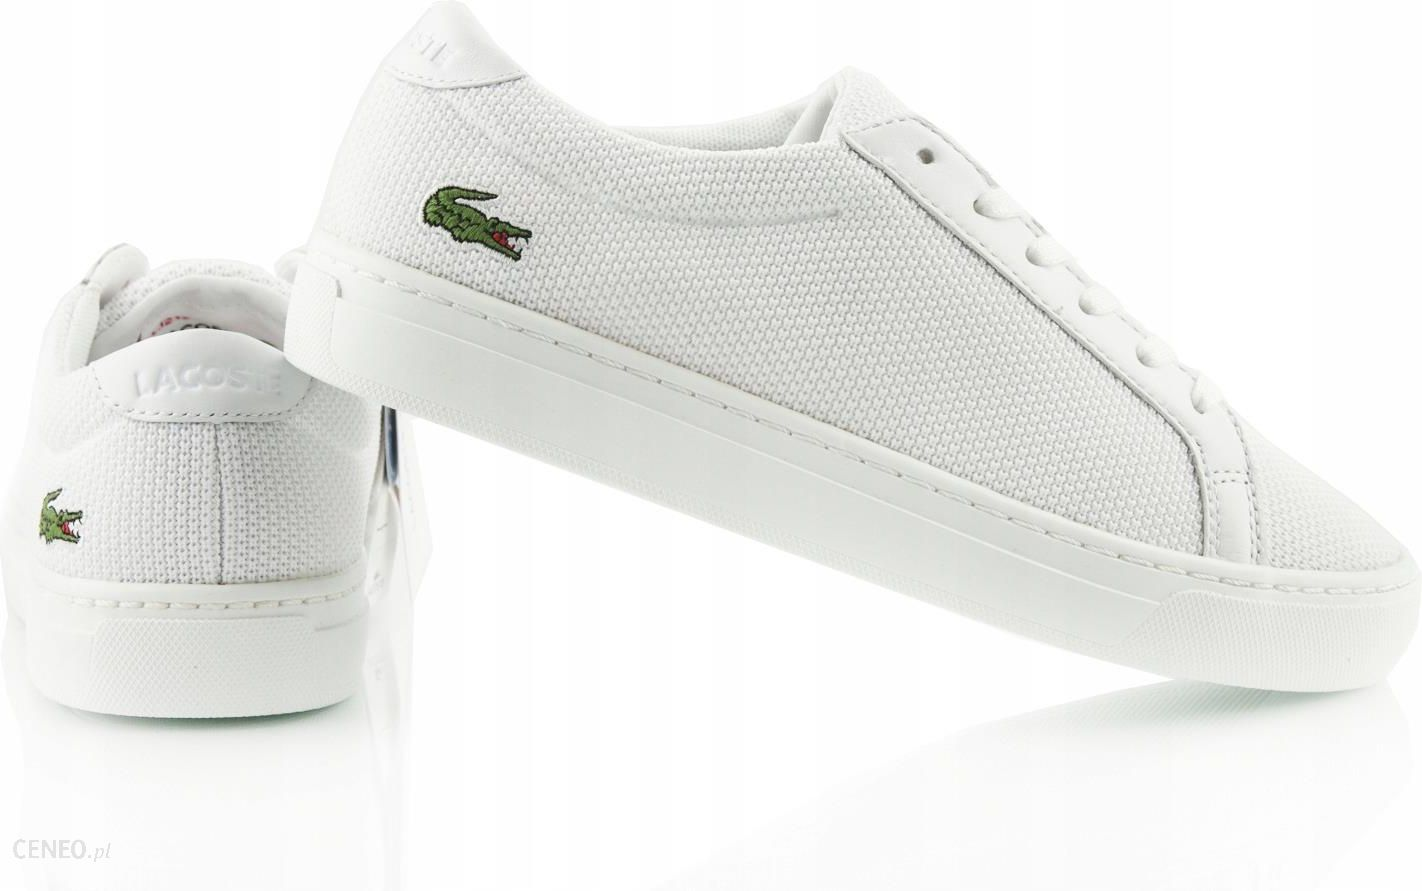 Buty Lacoste L12.12 Bl 2 sportowe sneakersy , 36 Ceny i opinie Ceneo.pl